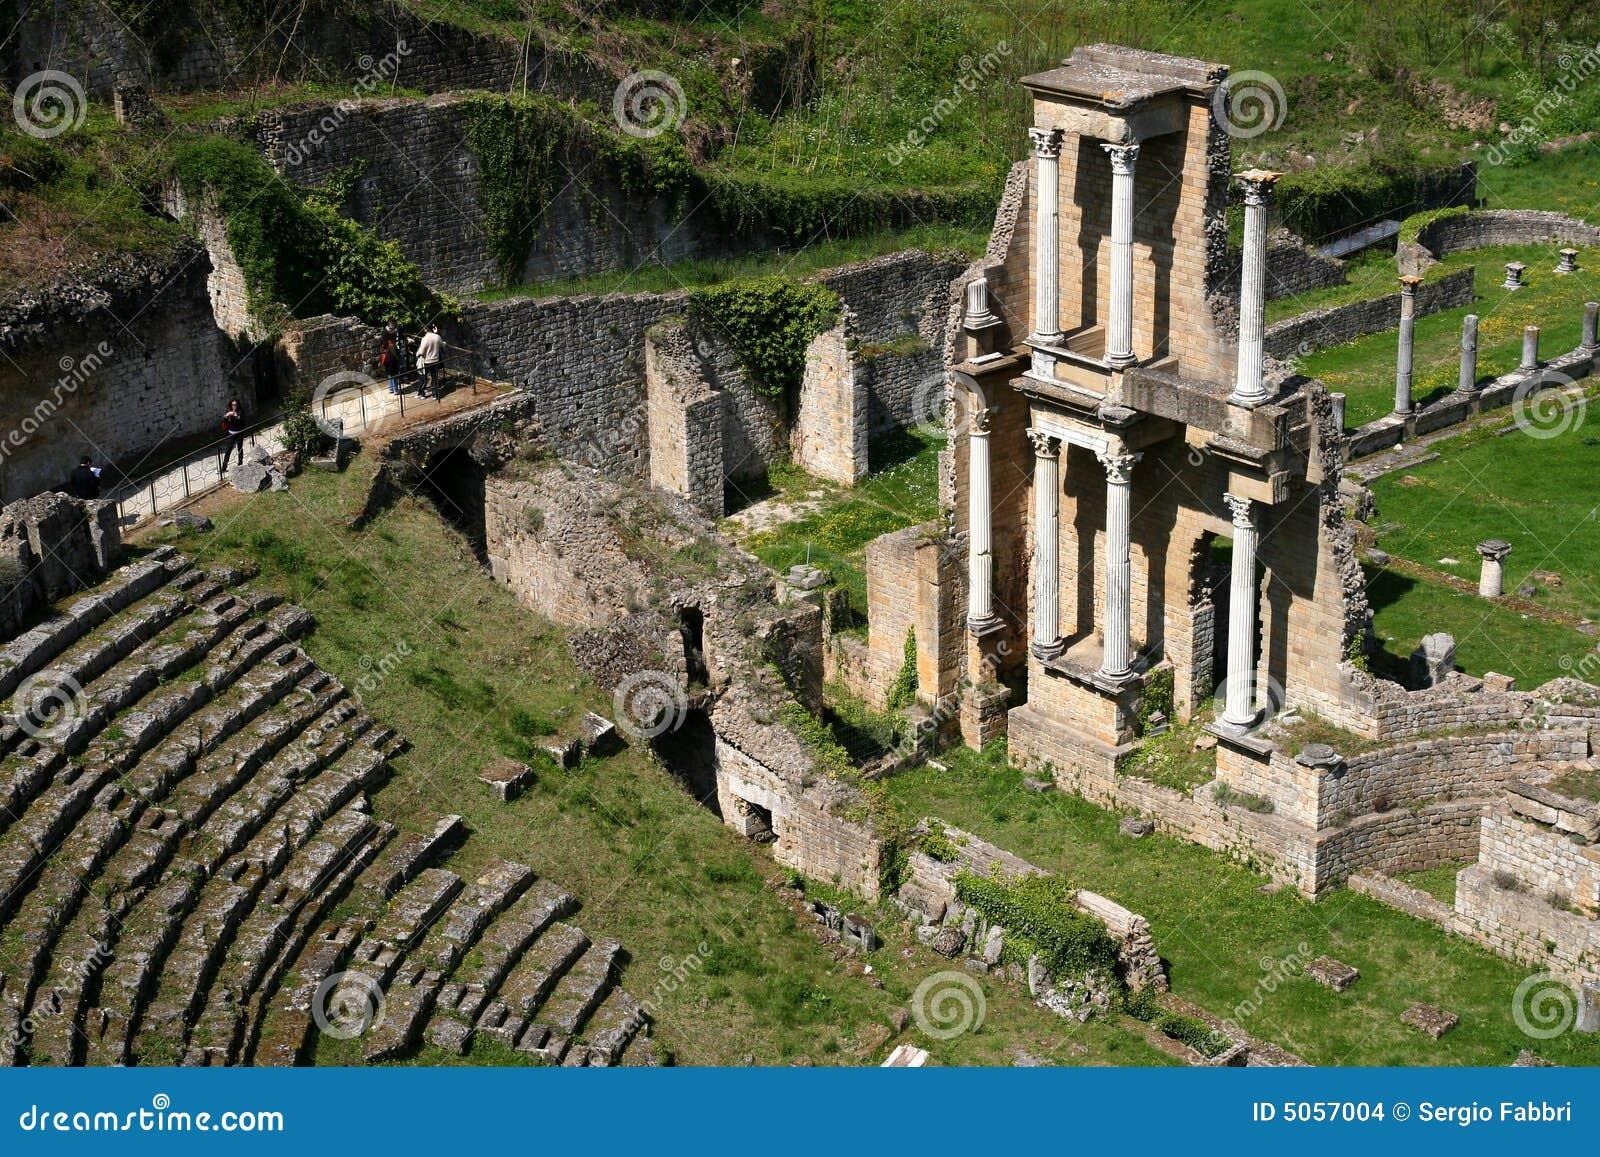 Matrimonio Romano Antico : Teatro romano antico fotografia stock immagine di antique